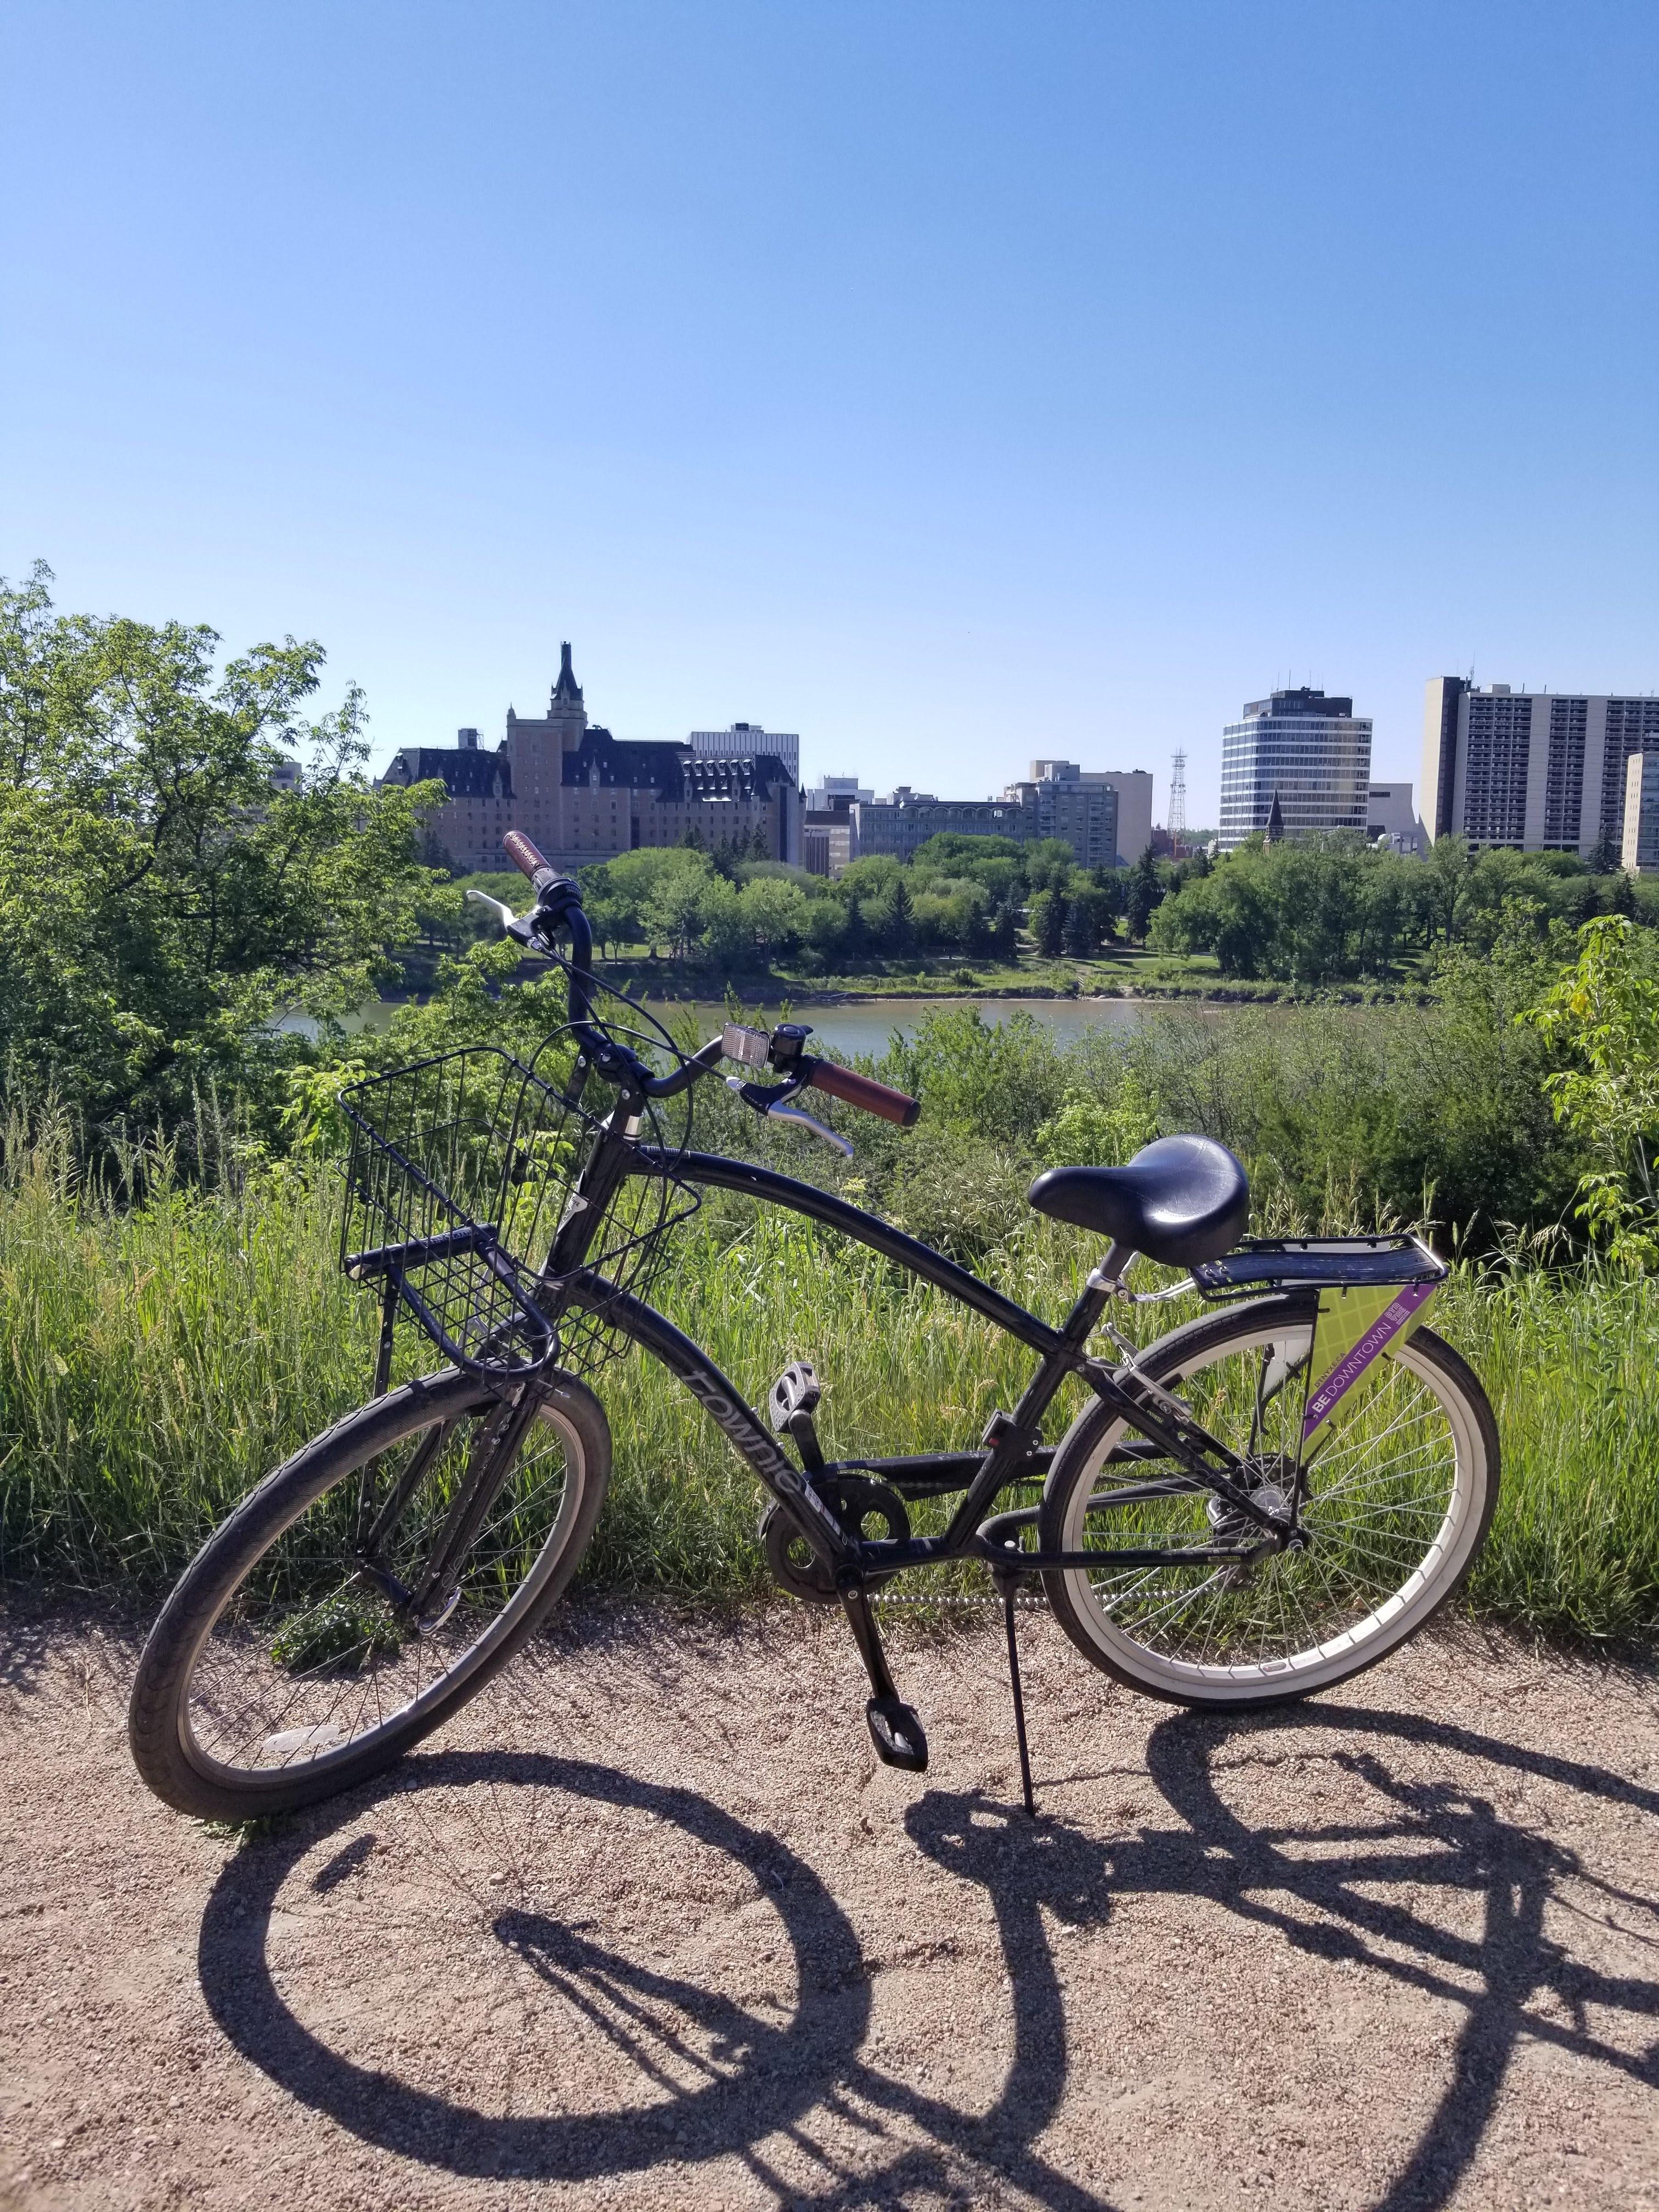 DTNYXE Bike Rental Program for Hotel Guests